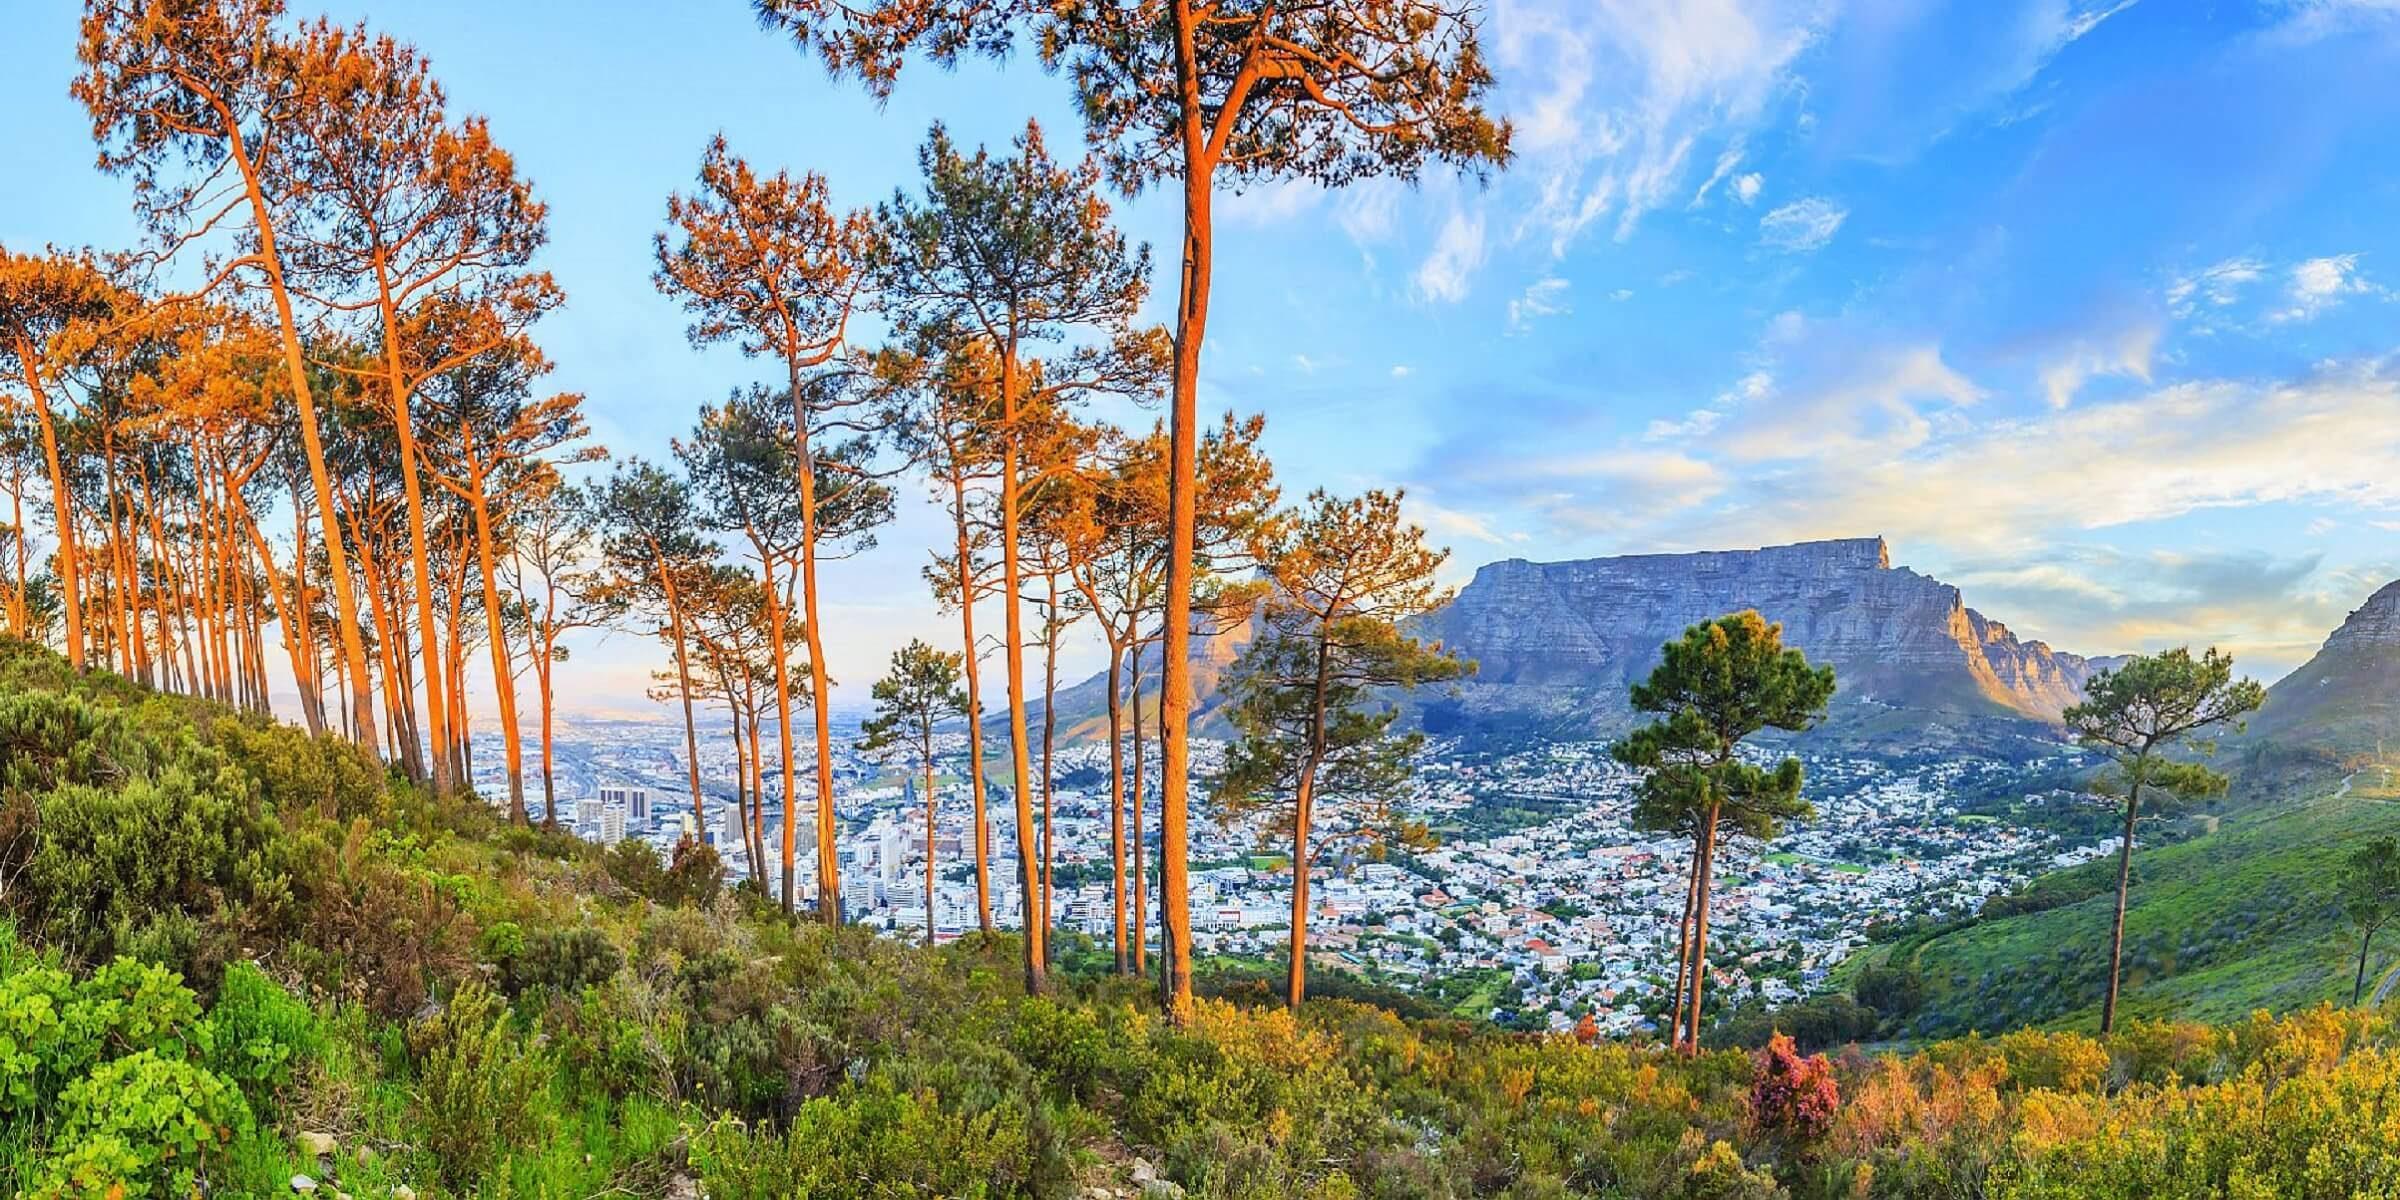 Der Blick nach Kapstadt in Südafrika